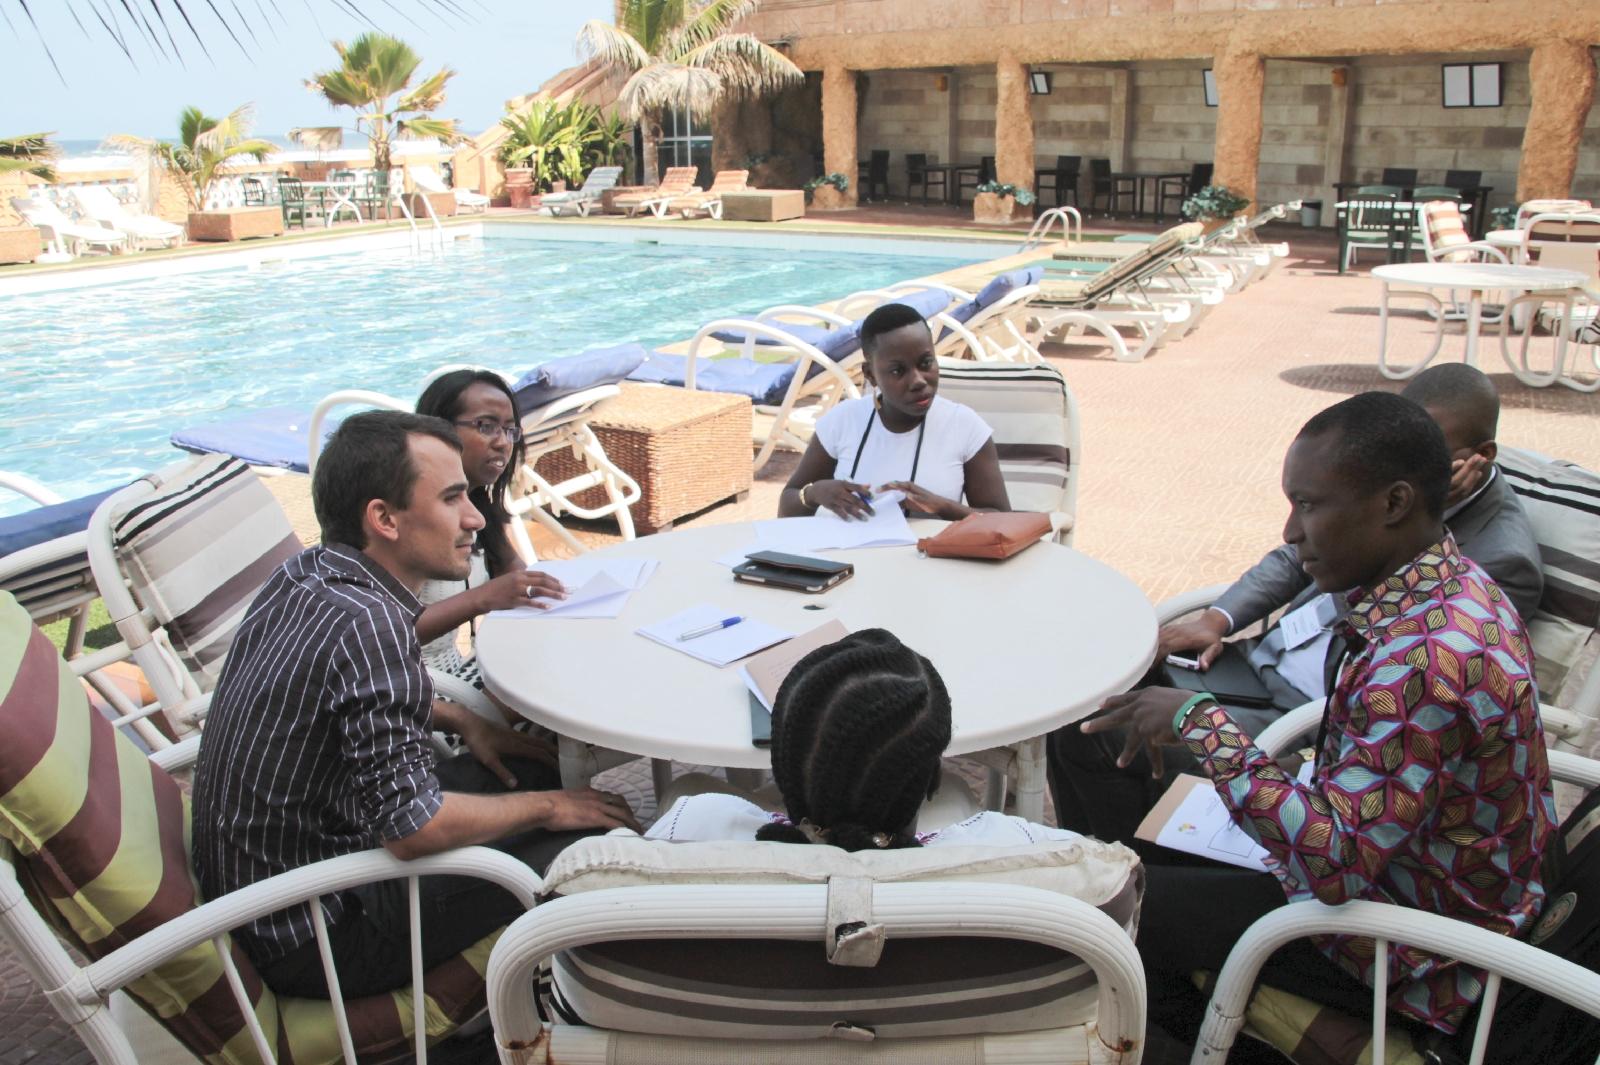 Les VIF ont formé des sous groupes pour travailler durant la session de préparation à Dakar. © Théo